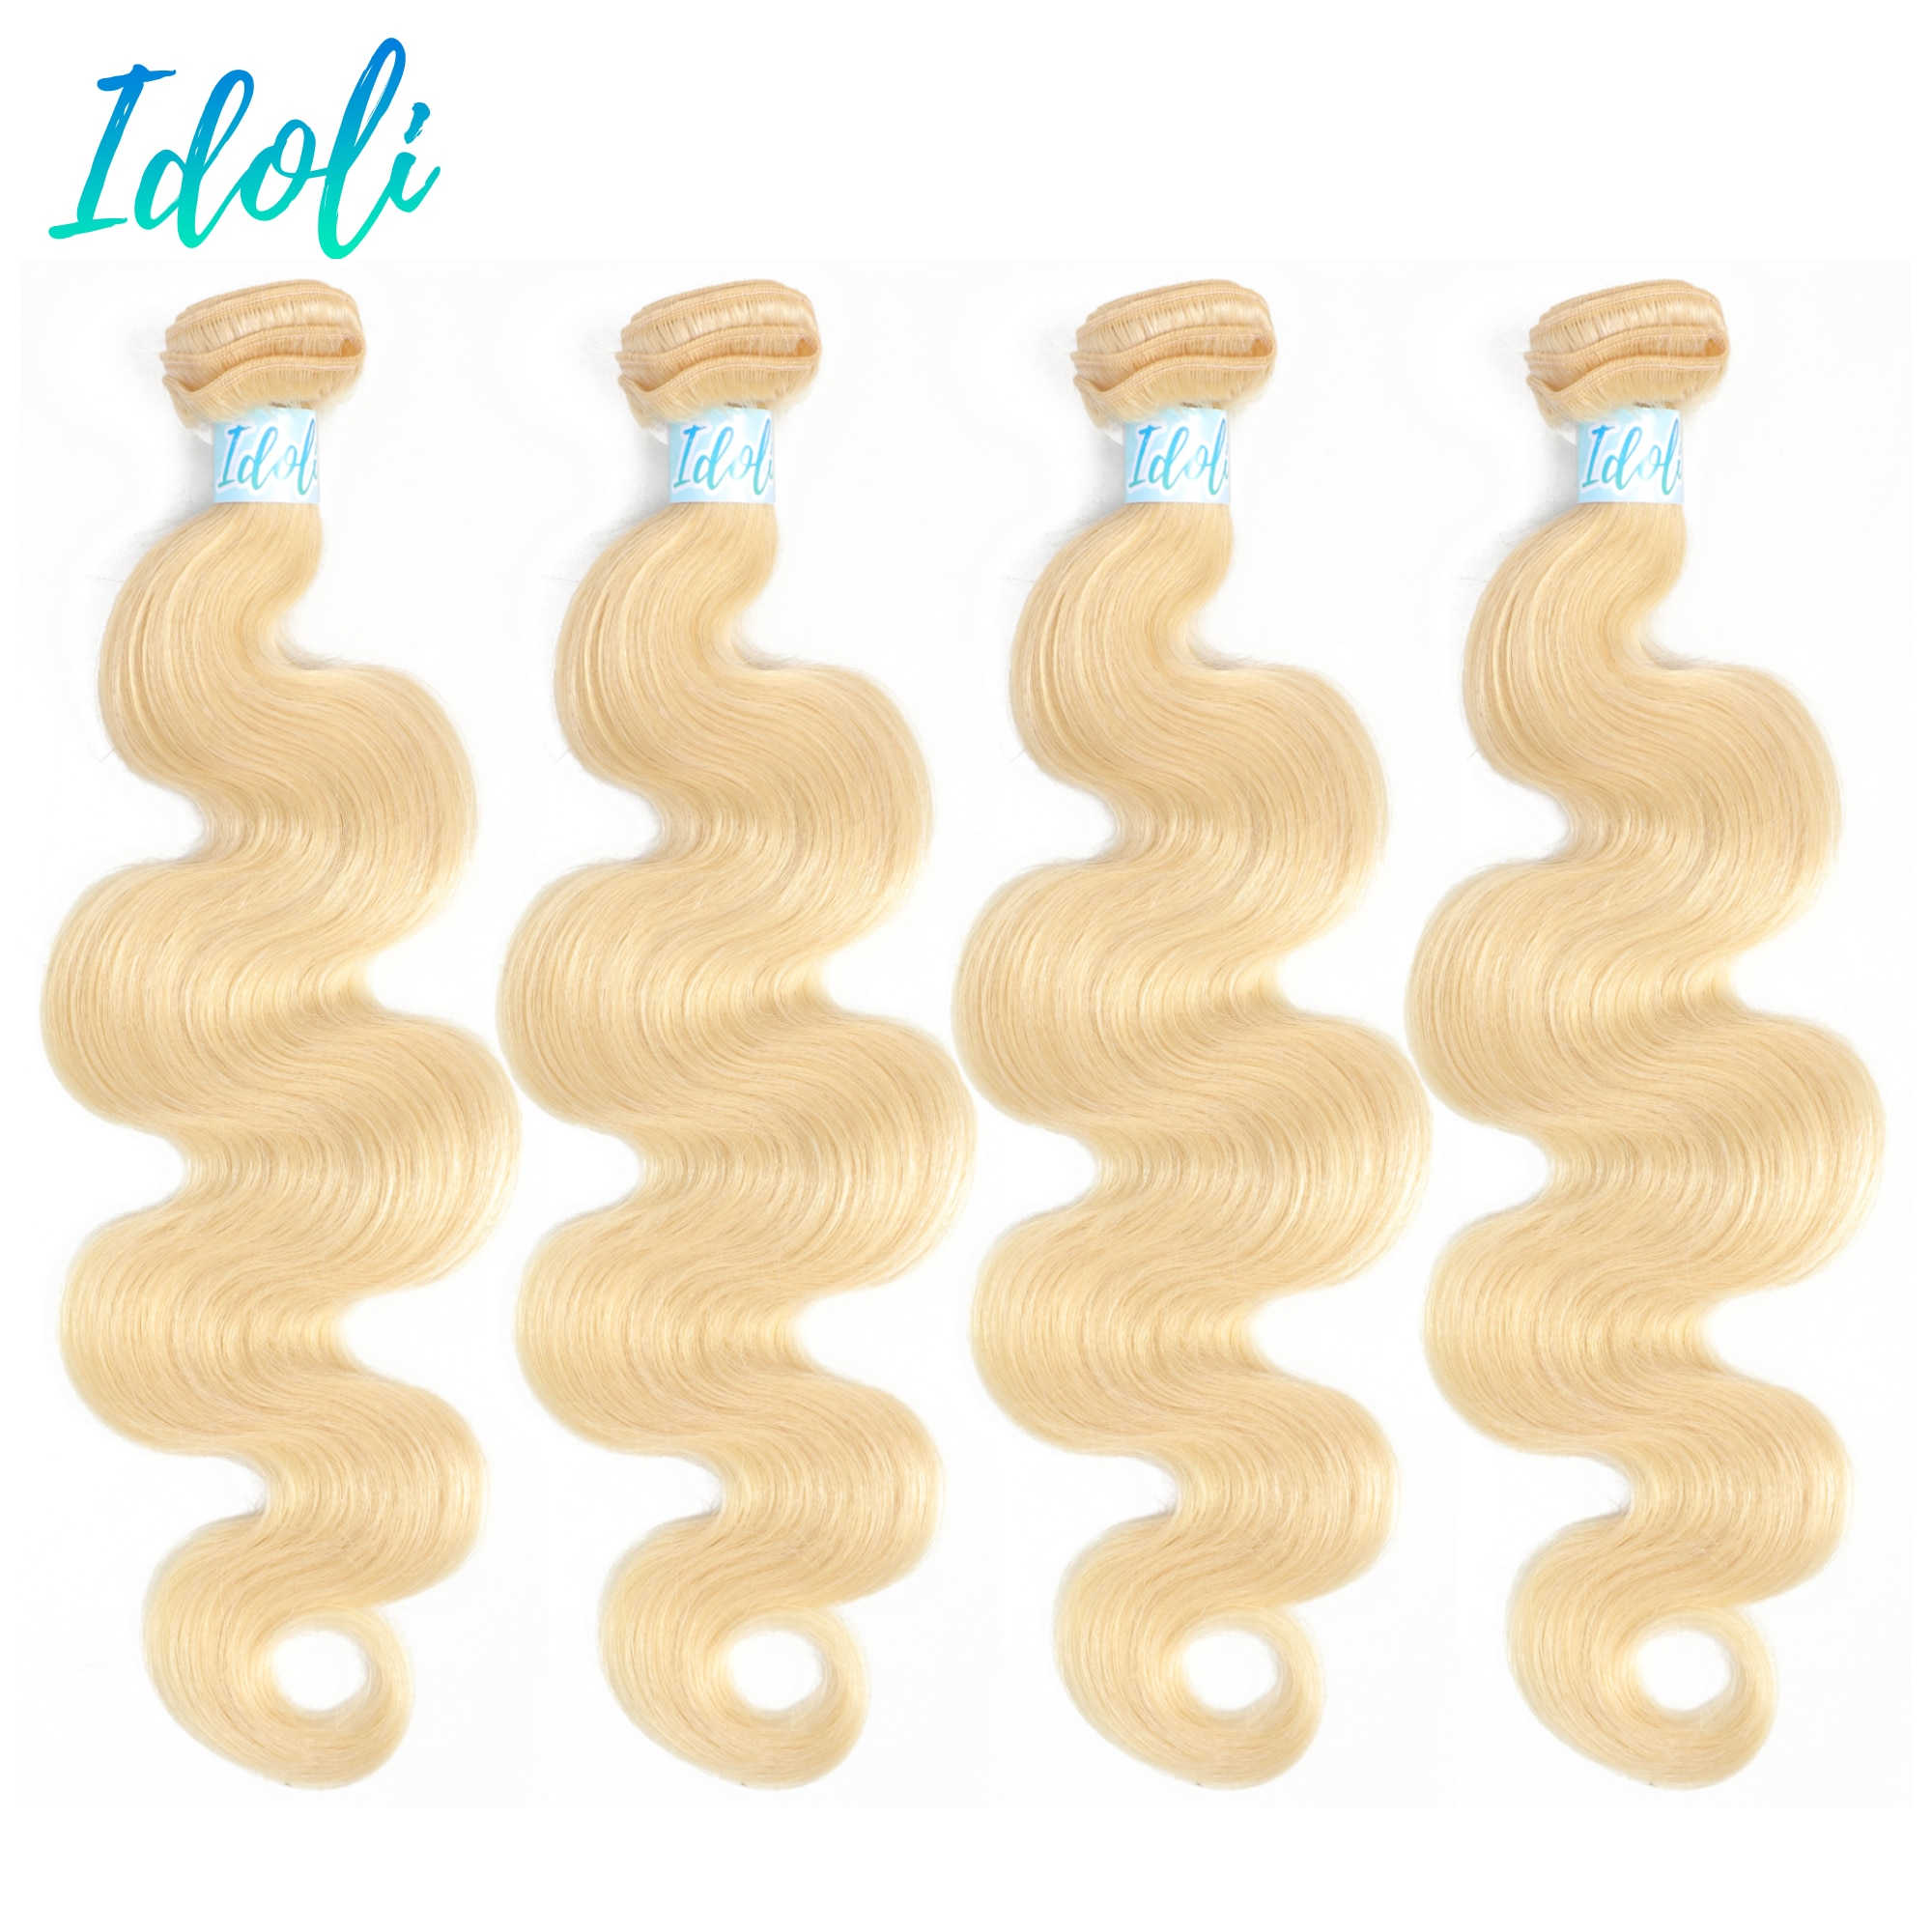 Extensiones de cabello rubio degradado Wave613 mechones de cabello peruano 1 3 4 mechones tejidos 100% cabello humano Remy idoli compra a granel